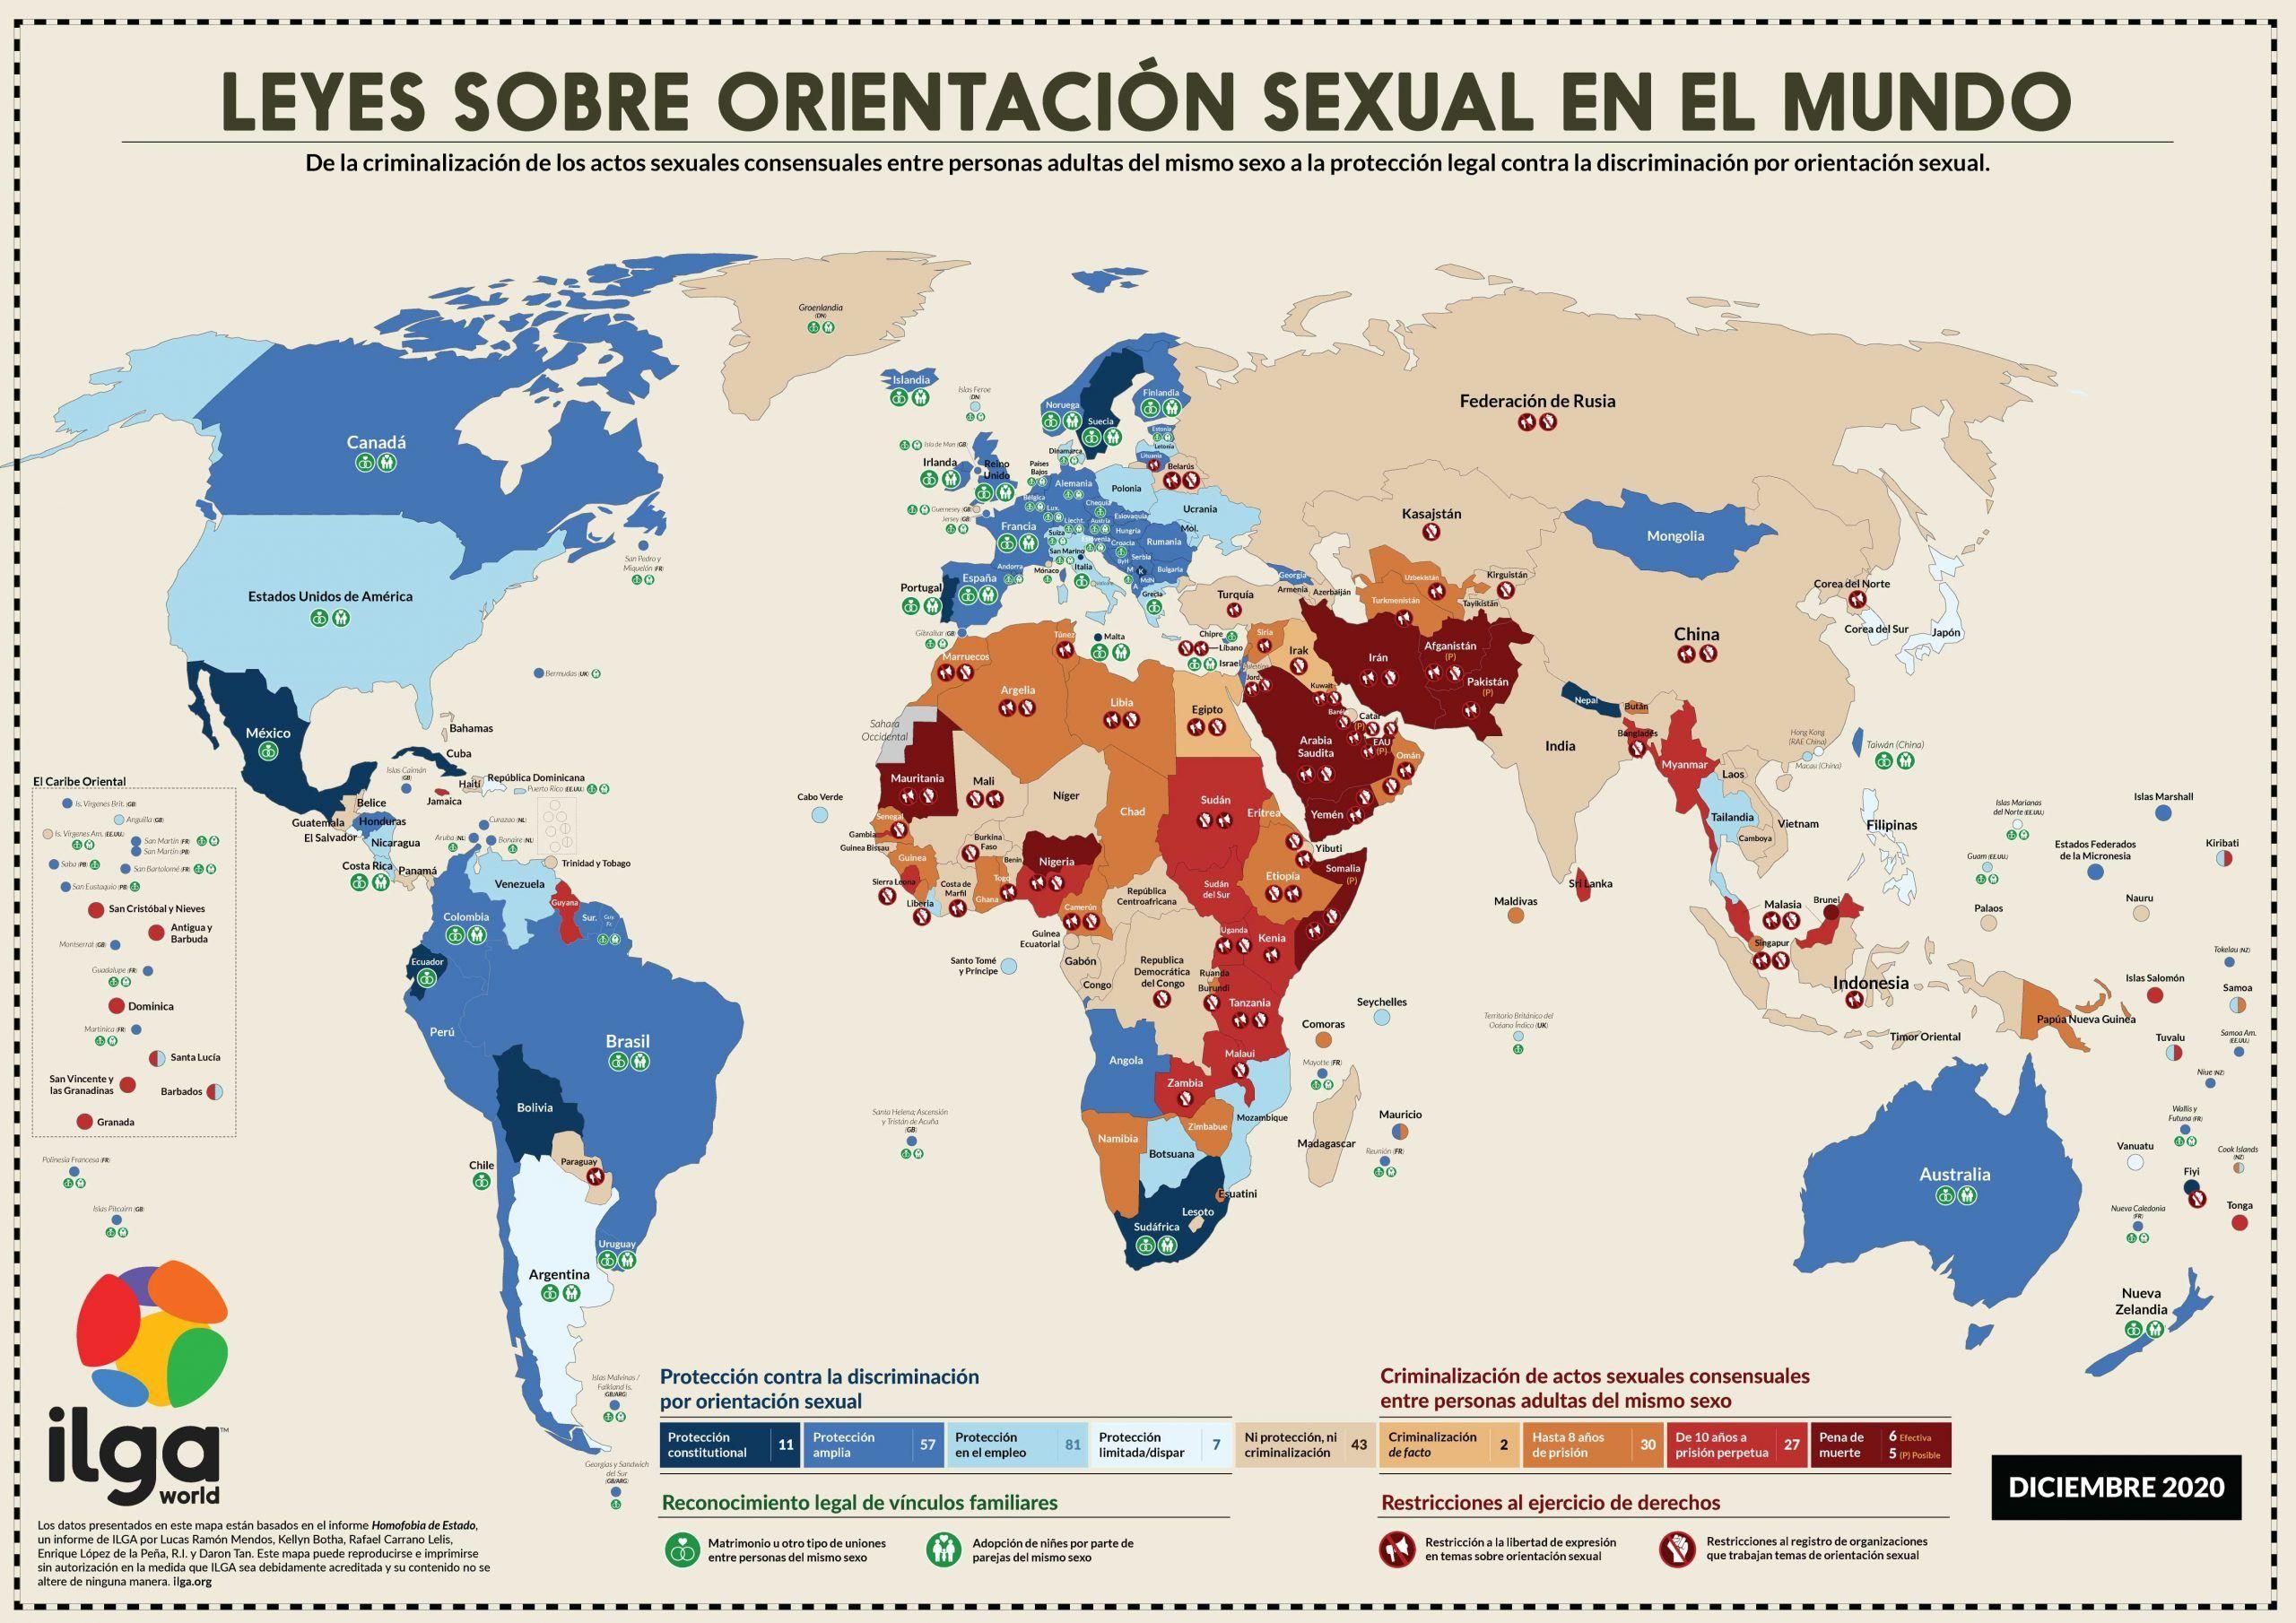 Mapa que recoge a grandes rasgos la situación del colectivo LGTBI en el mundo